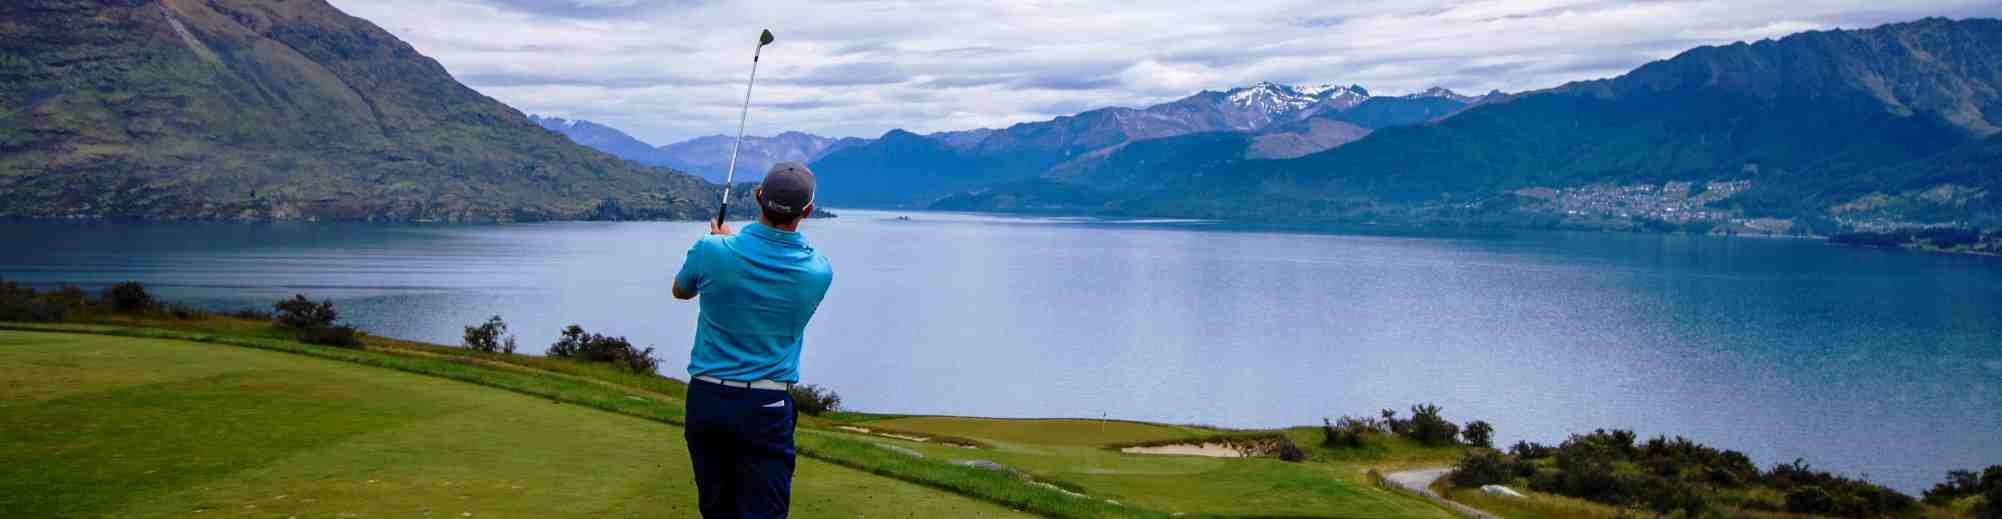 golf spieler usa